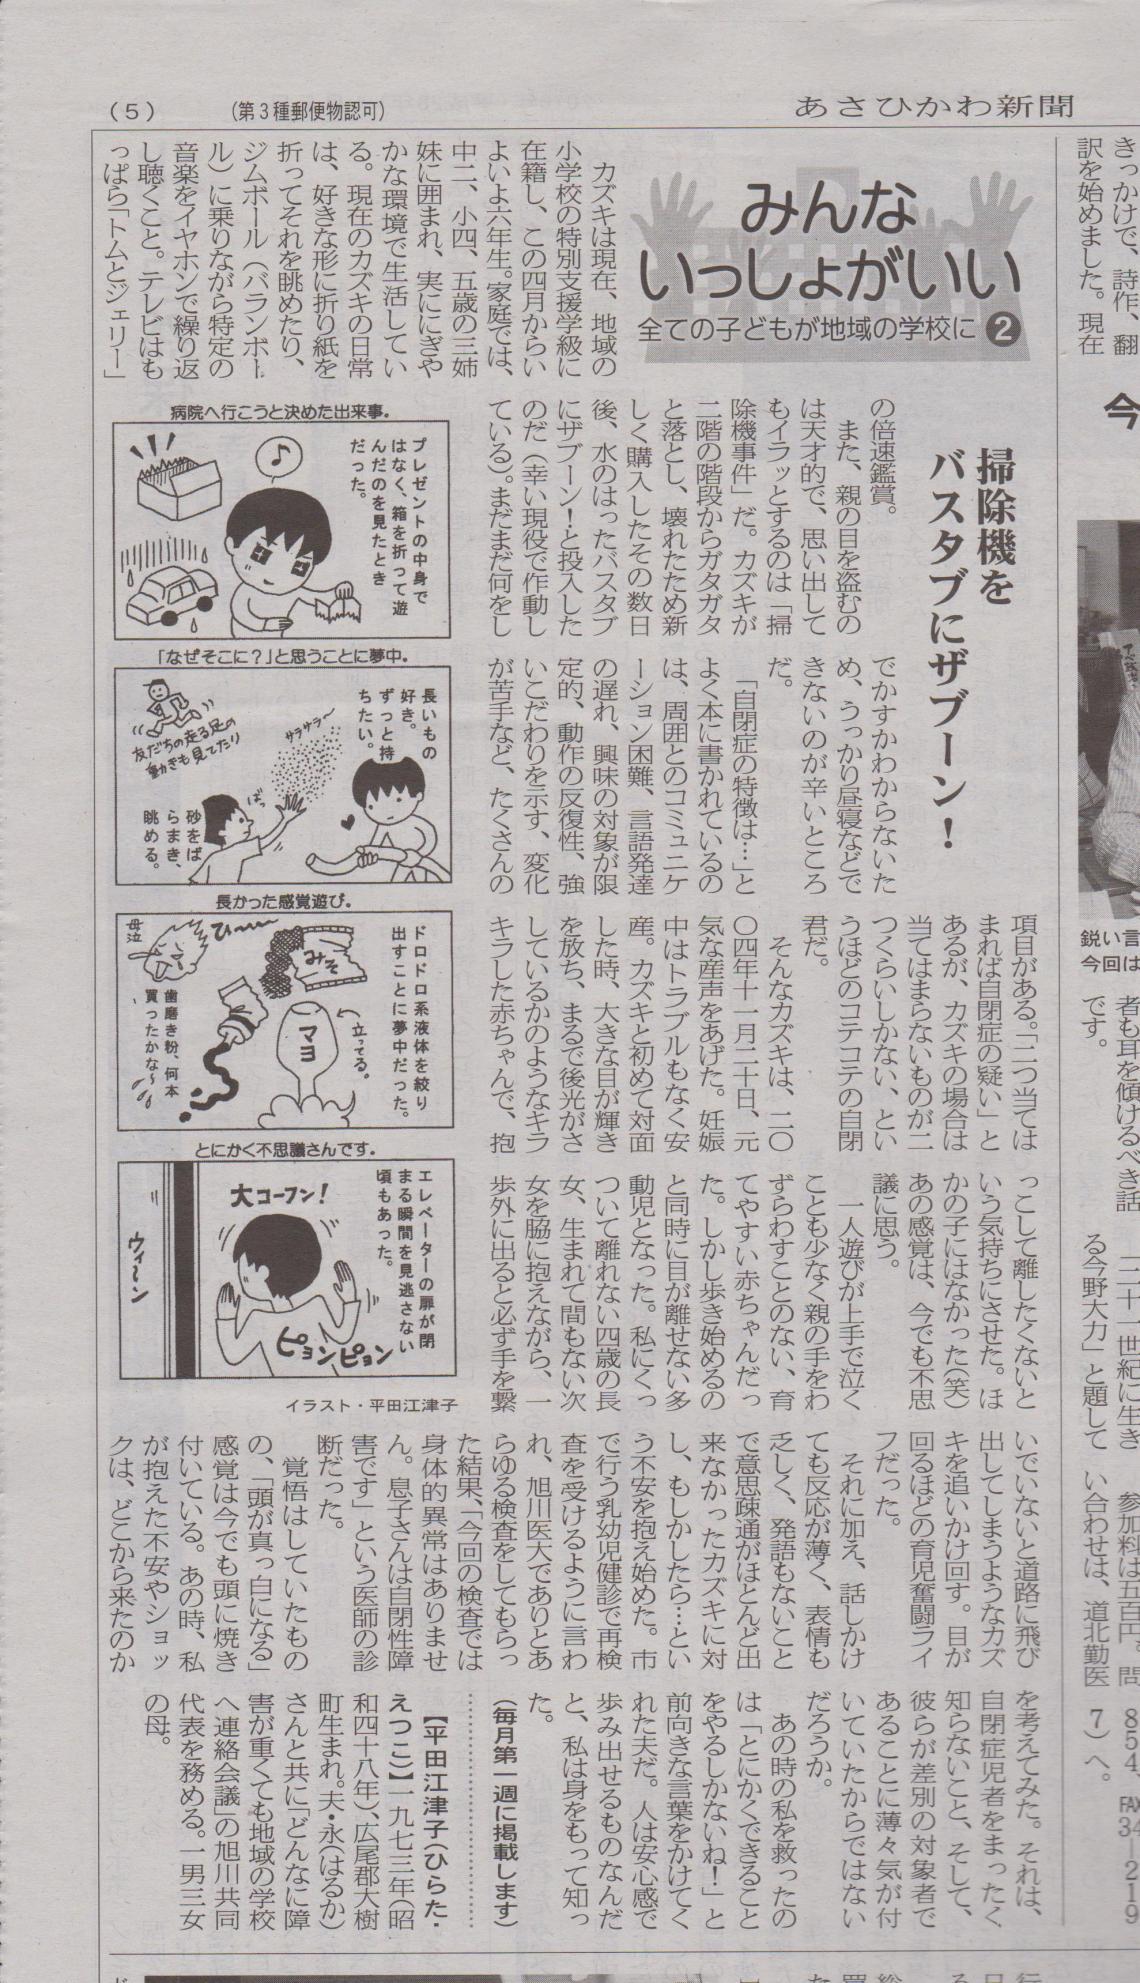 あさひかわ新聞連載2